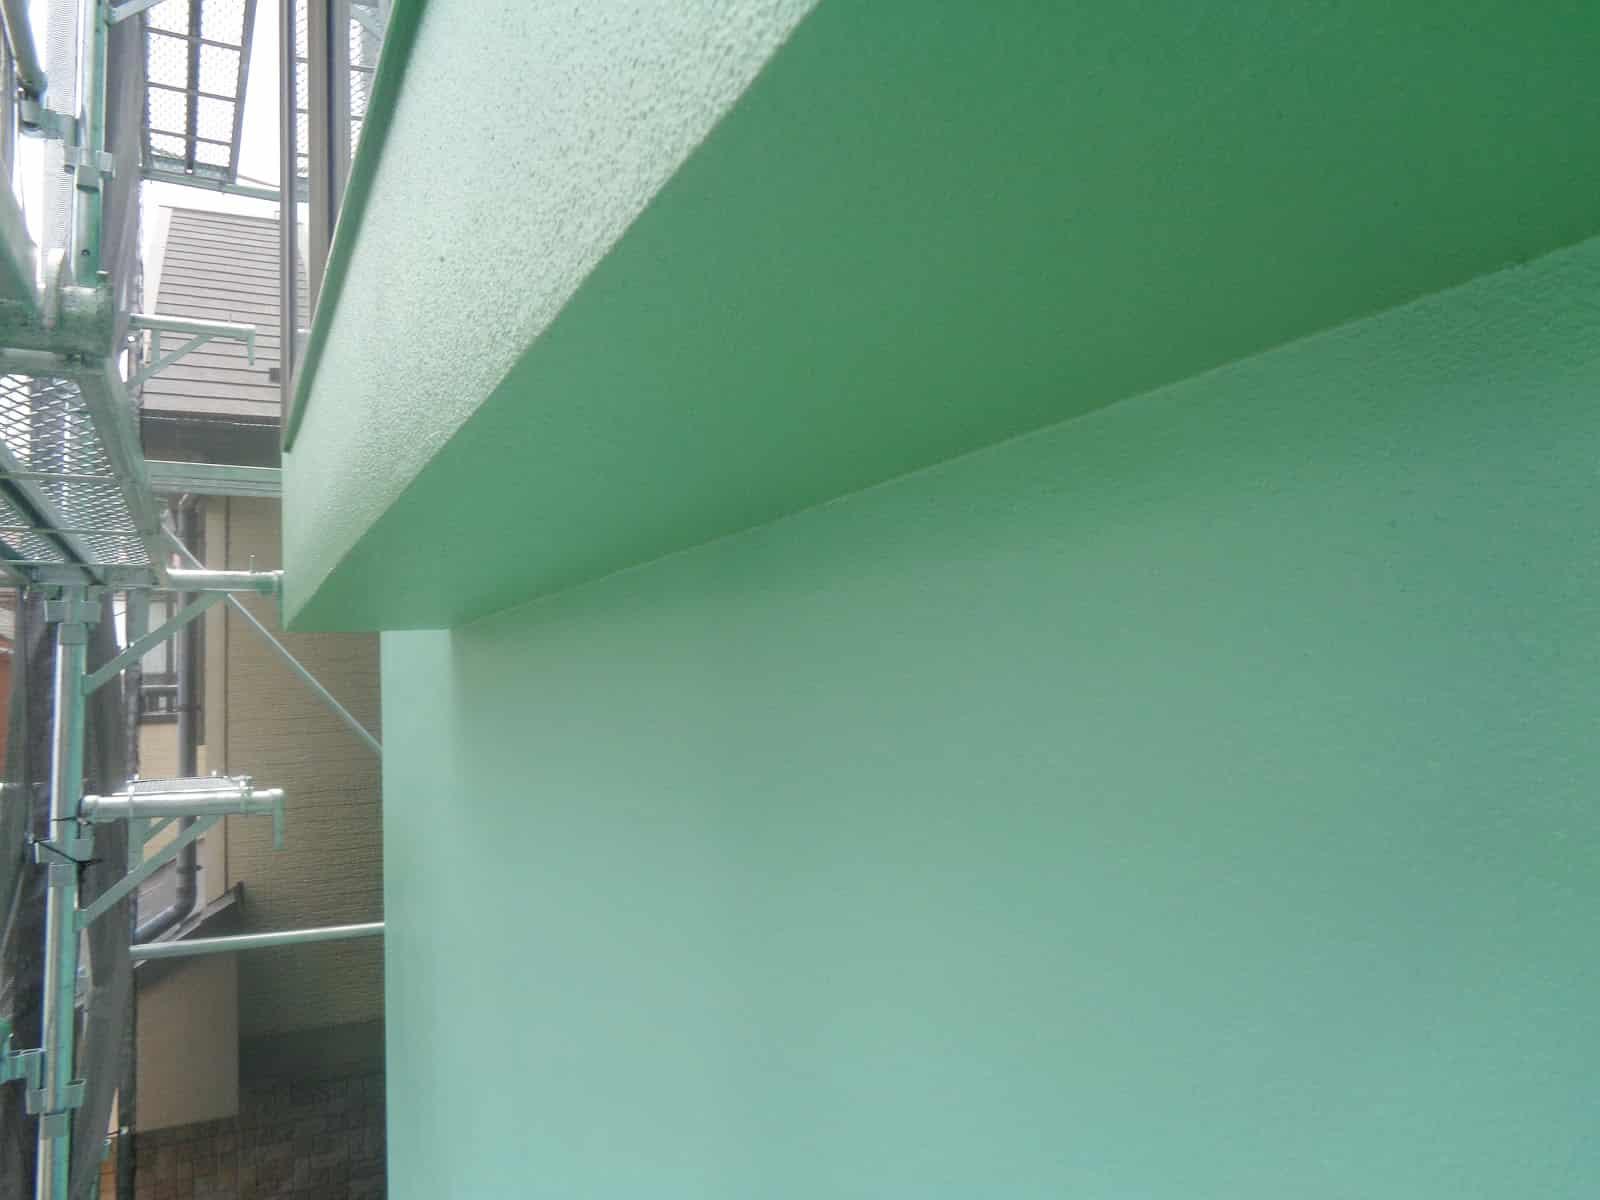 軒裏と外壁の色分けなし